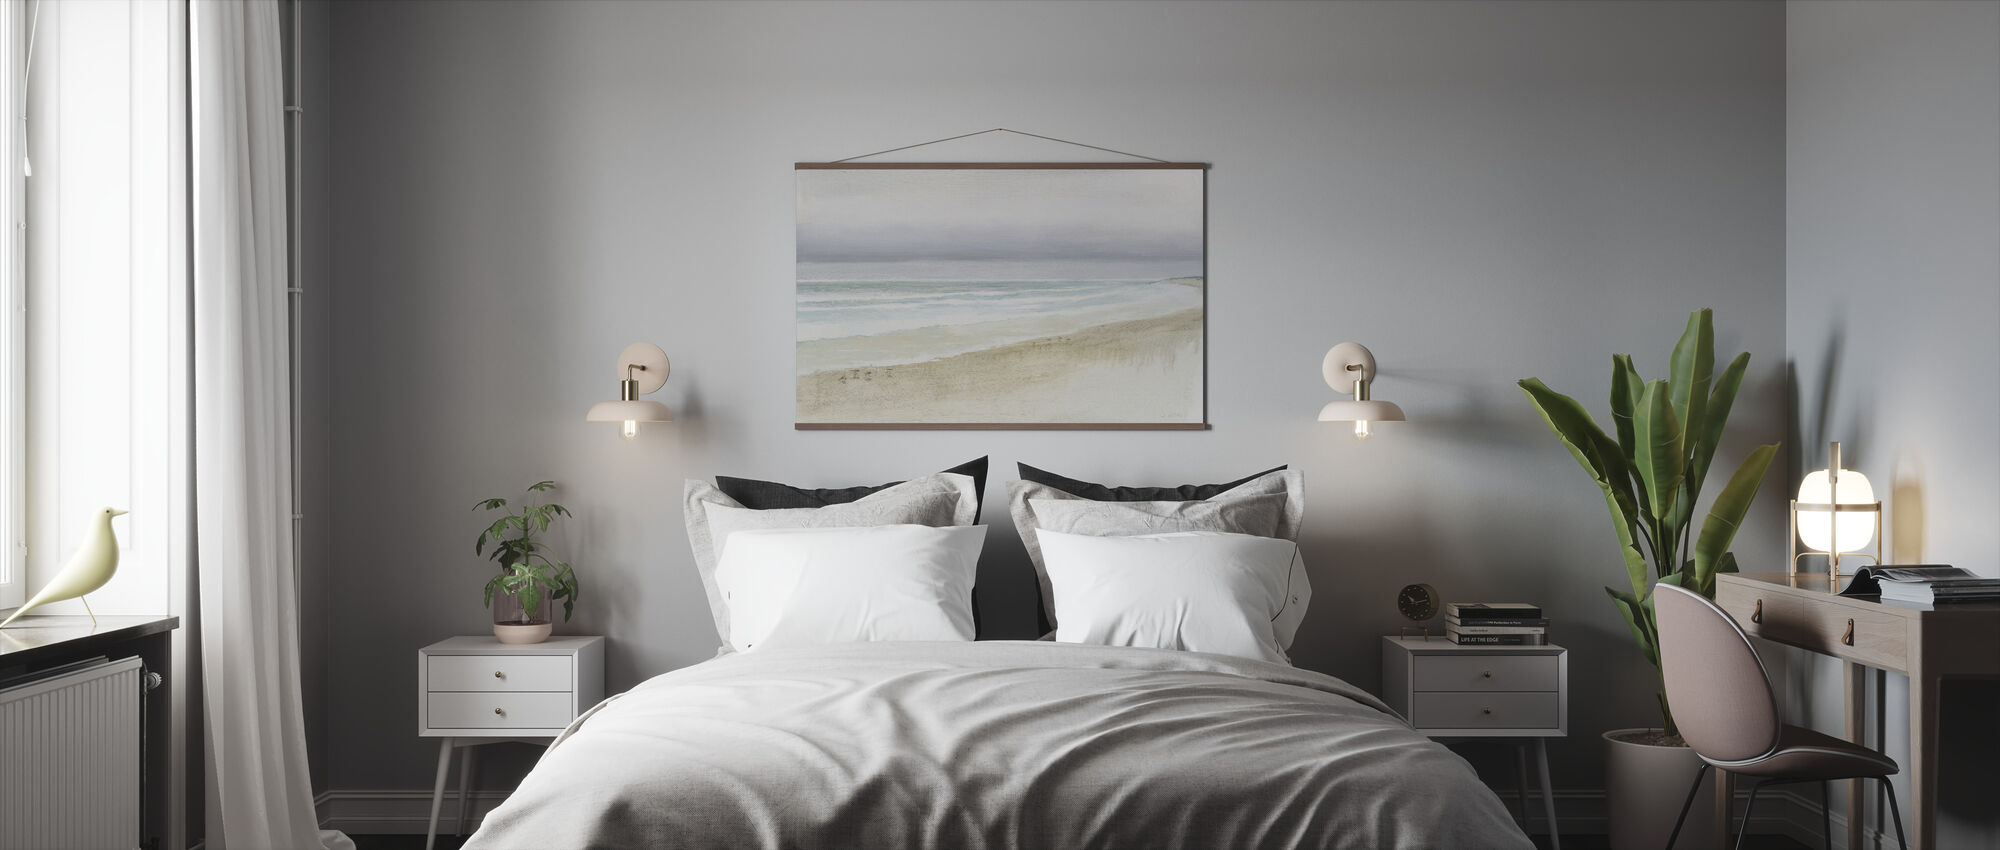 Serene Seaside - Poster - Bedroom